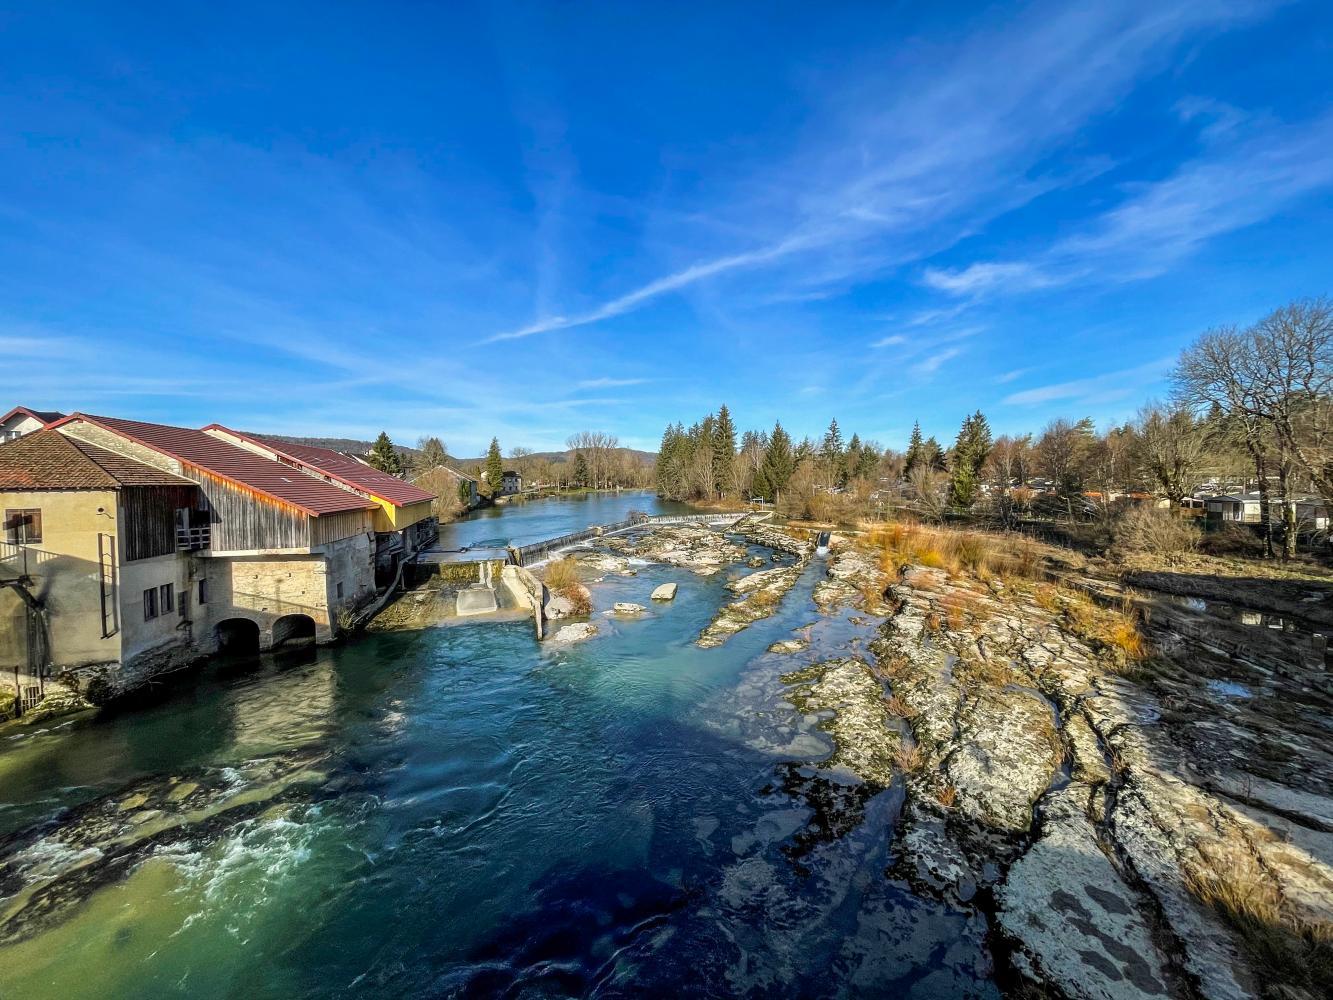 Vente de la centrale hydroélectrique de pont de Poitte